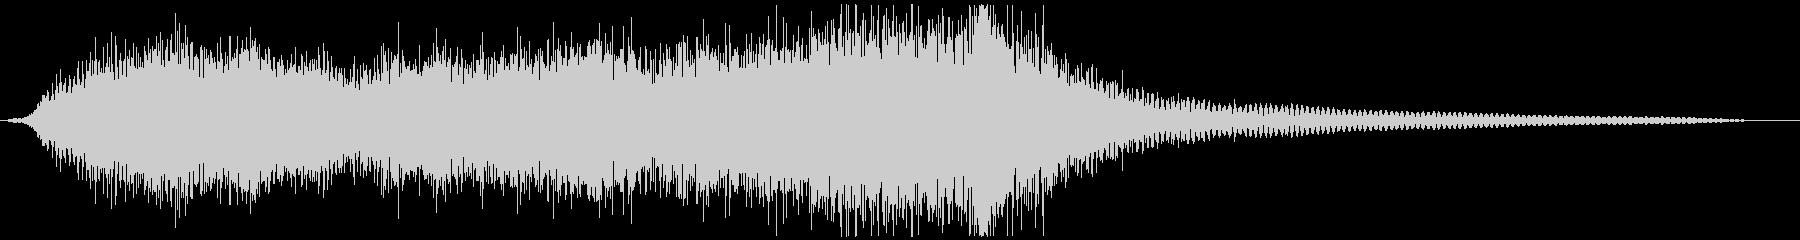 イベントなどに短いオーケストラジングルの未再生の波形